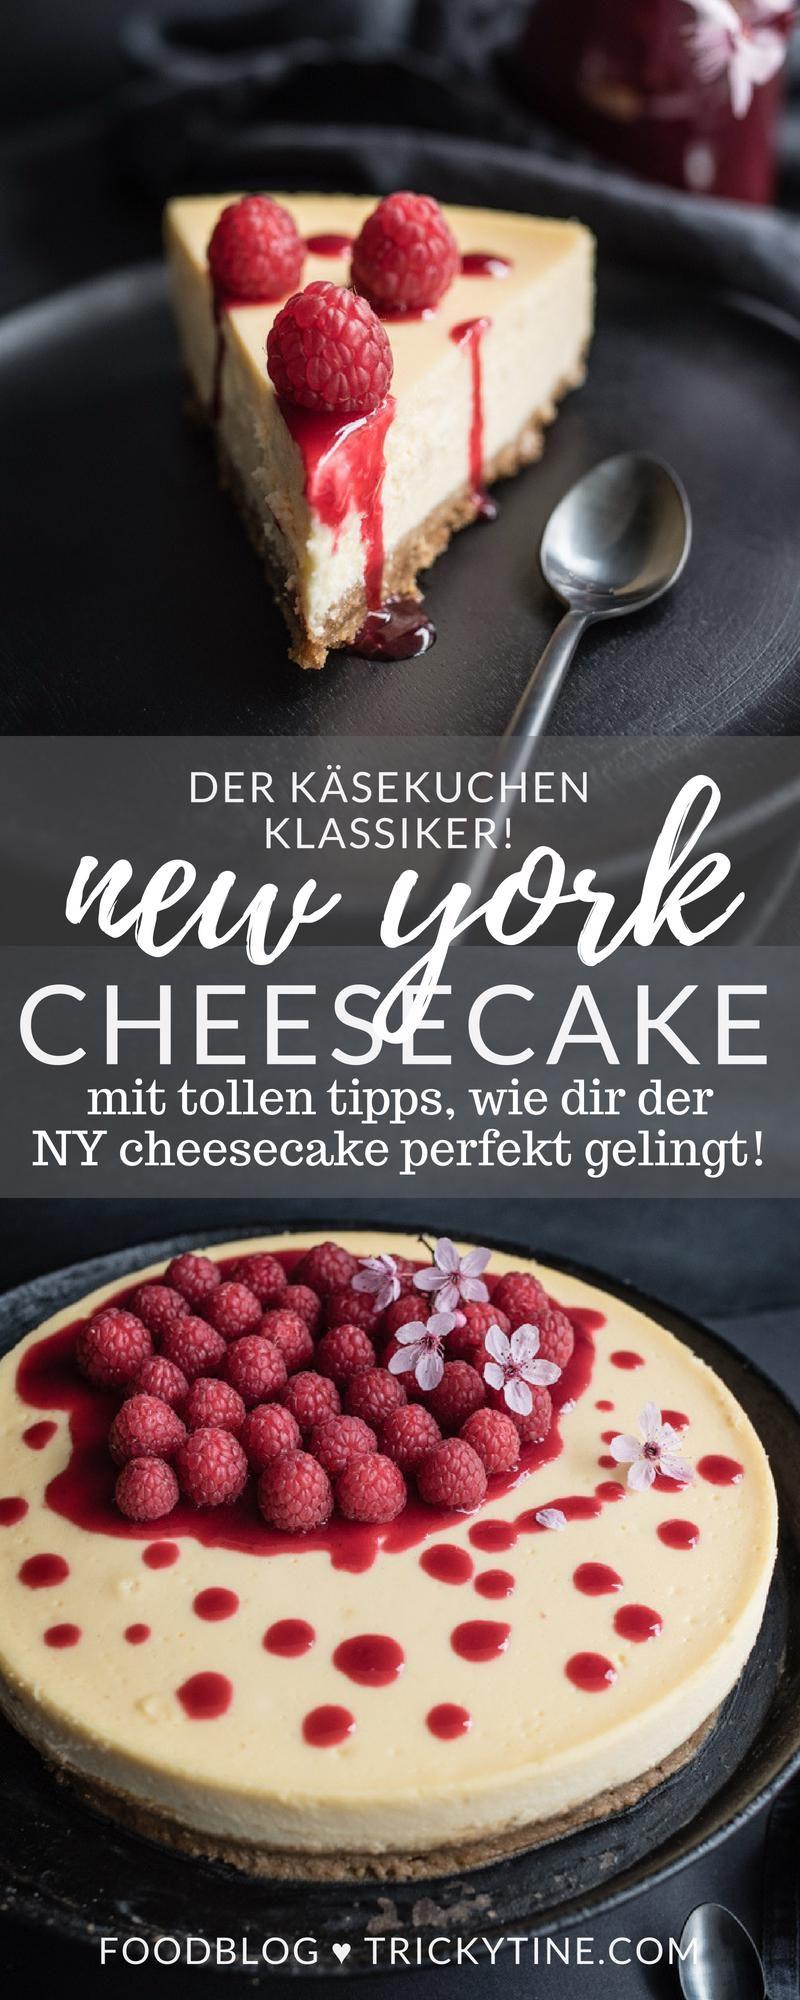 rezept für new york cheesecake by trickytine ♥ super cremig und ultra köstlich! außerdem gebe ich euch tolle tipps, wie euch der NY cheesecake perfekt gelingt.   #cheesecake #newyork #trickytine #recipe #foodblogger #foodstyling #foodphotography